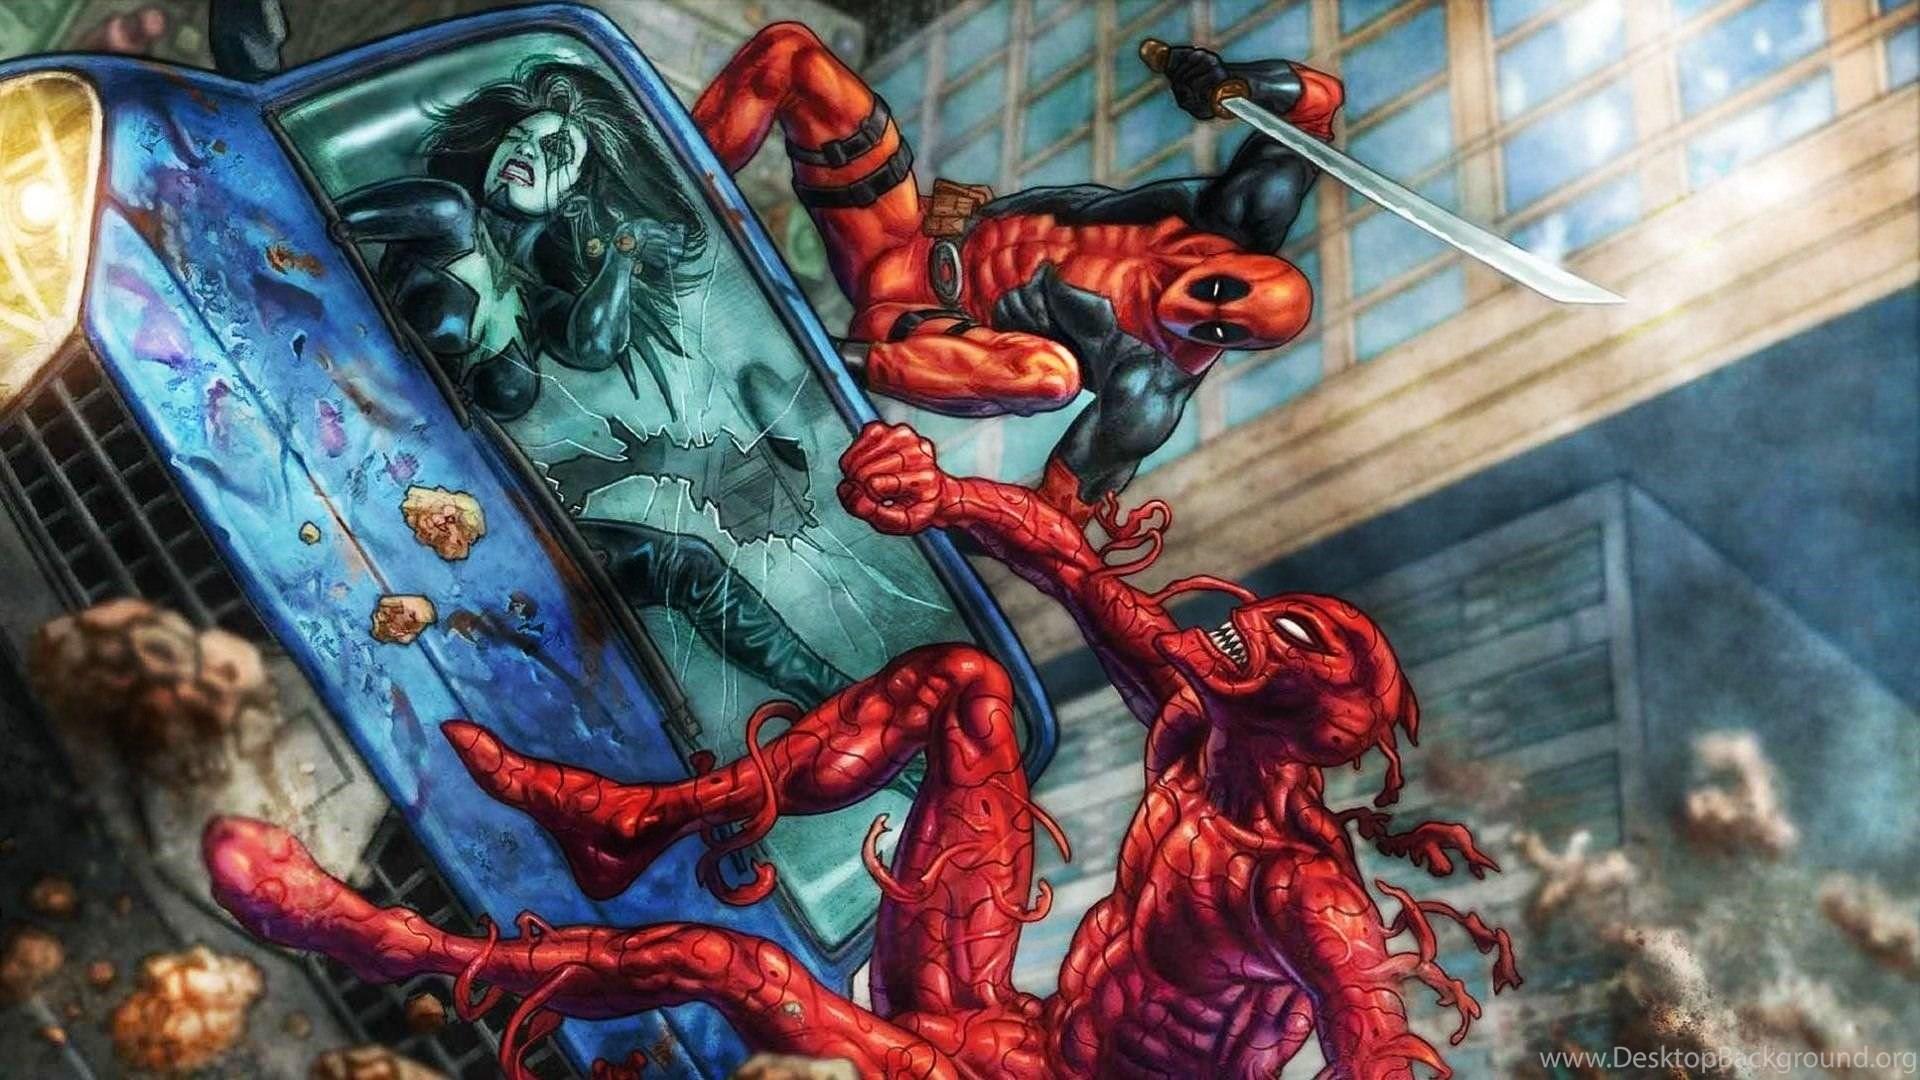 Deadpool Vs Carnage Wallpapers Desktop Background